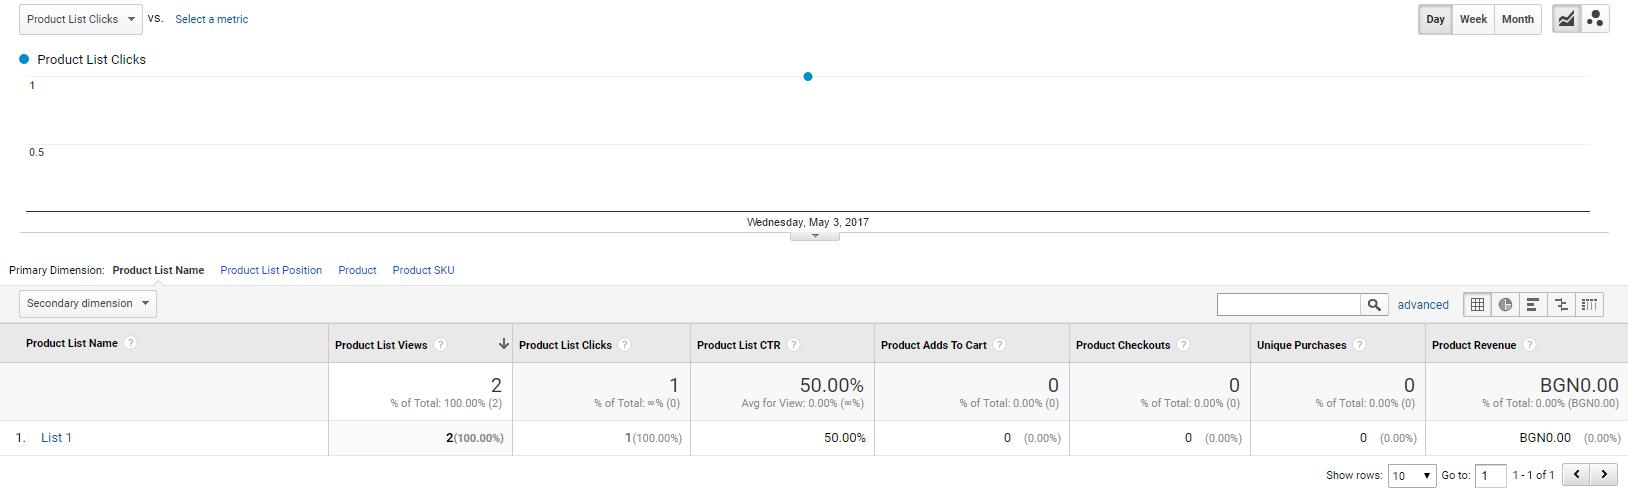 След изпращане на тези данни в отчета «Ефективност на списъка с продукти» ще има промени в метриките «Кликвания върху списъци с продукти» и «CTR на списъка с продукти»